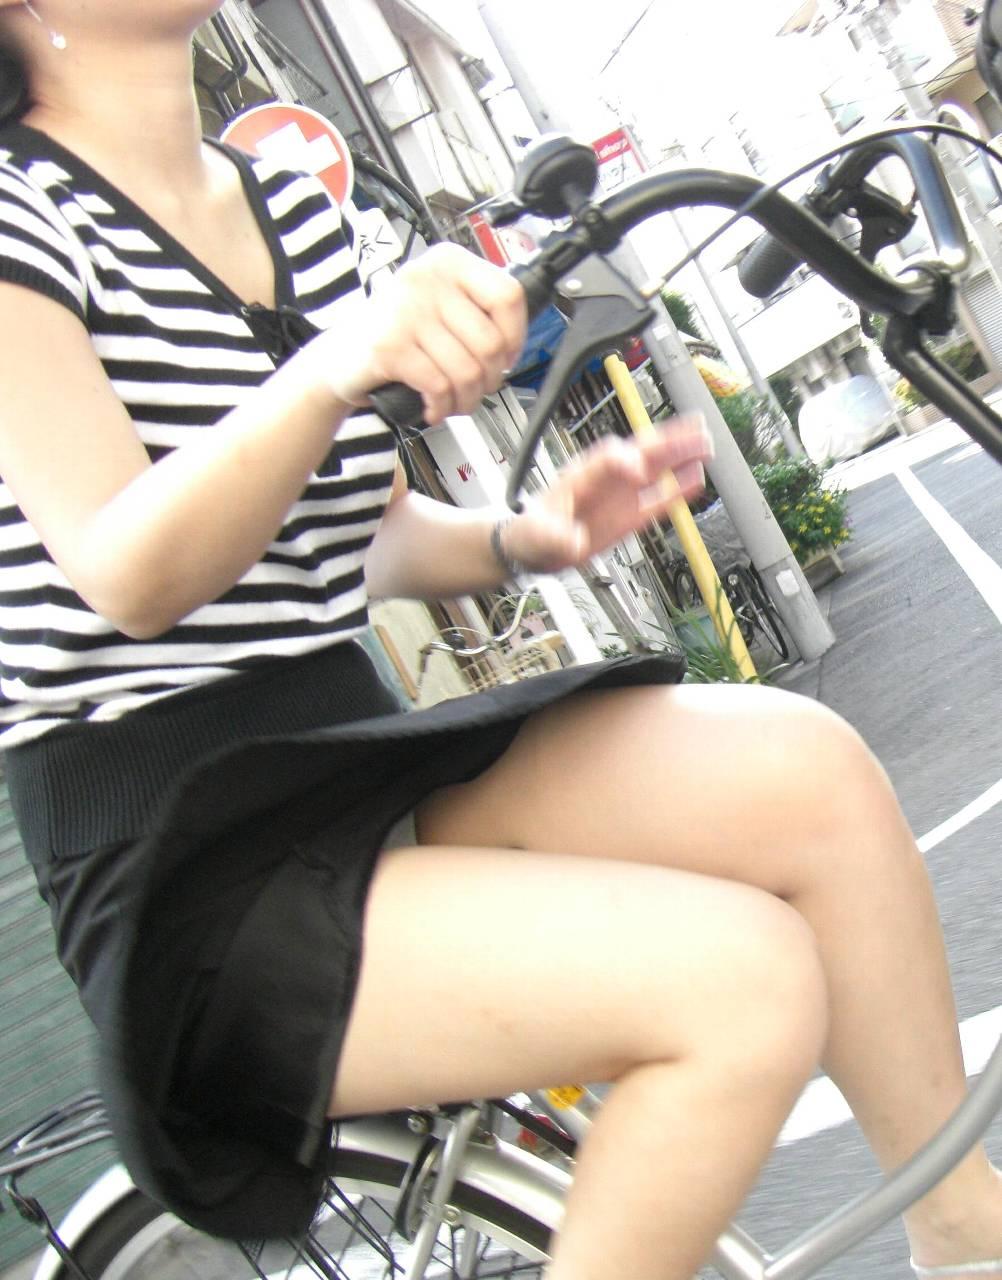 リクスー新人OLが自転車で三角パンチラ寸前盗撮画像10枚目